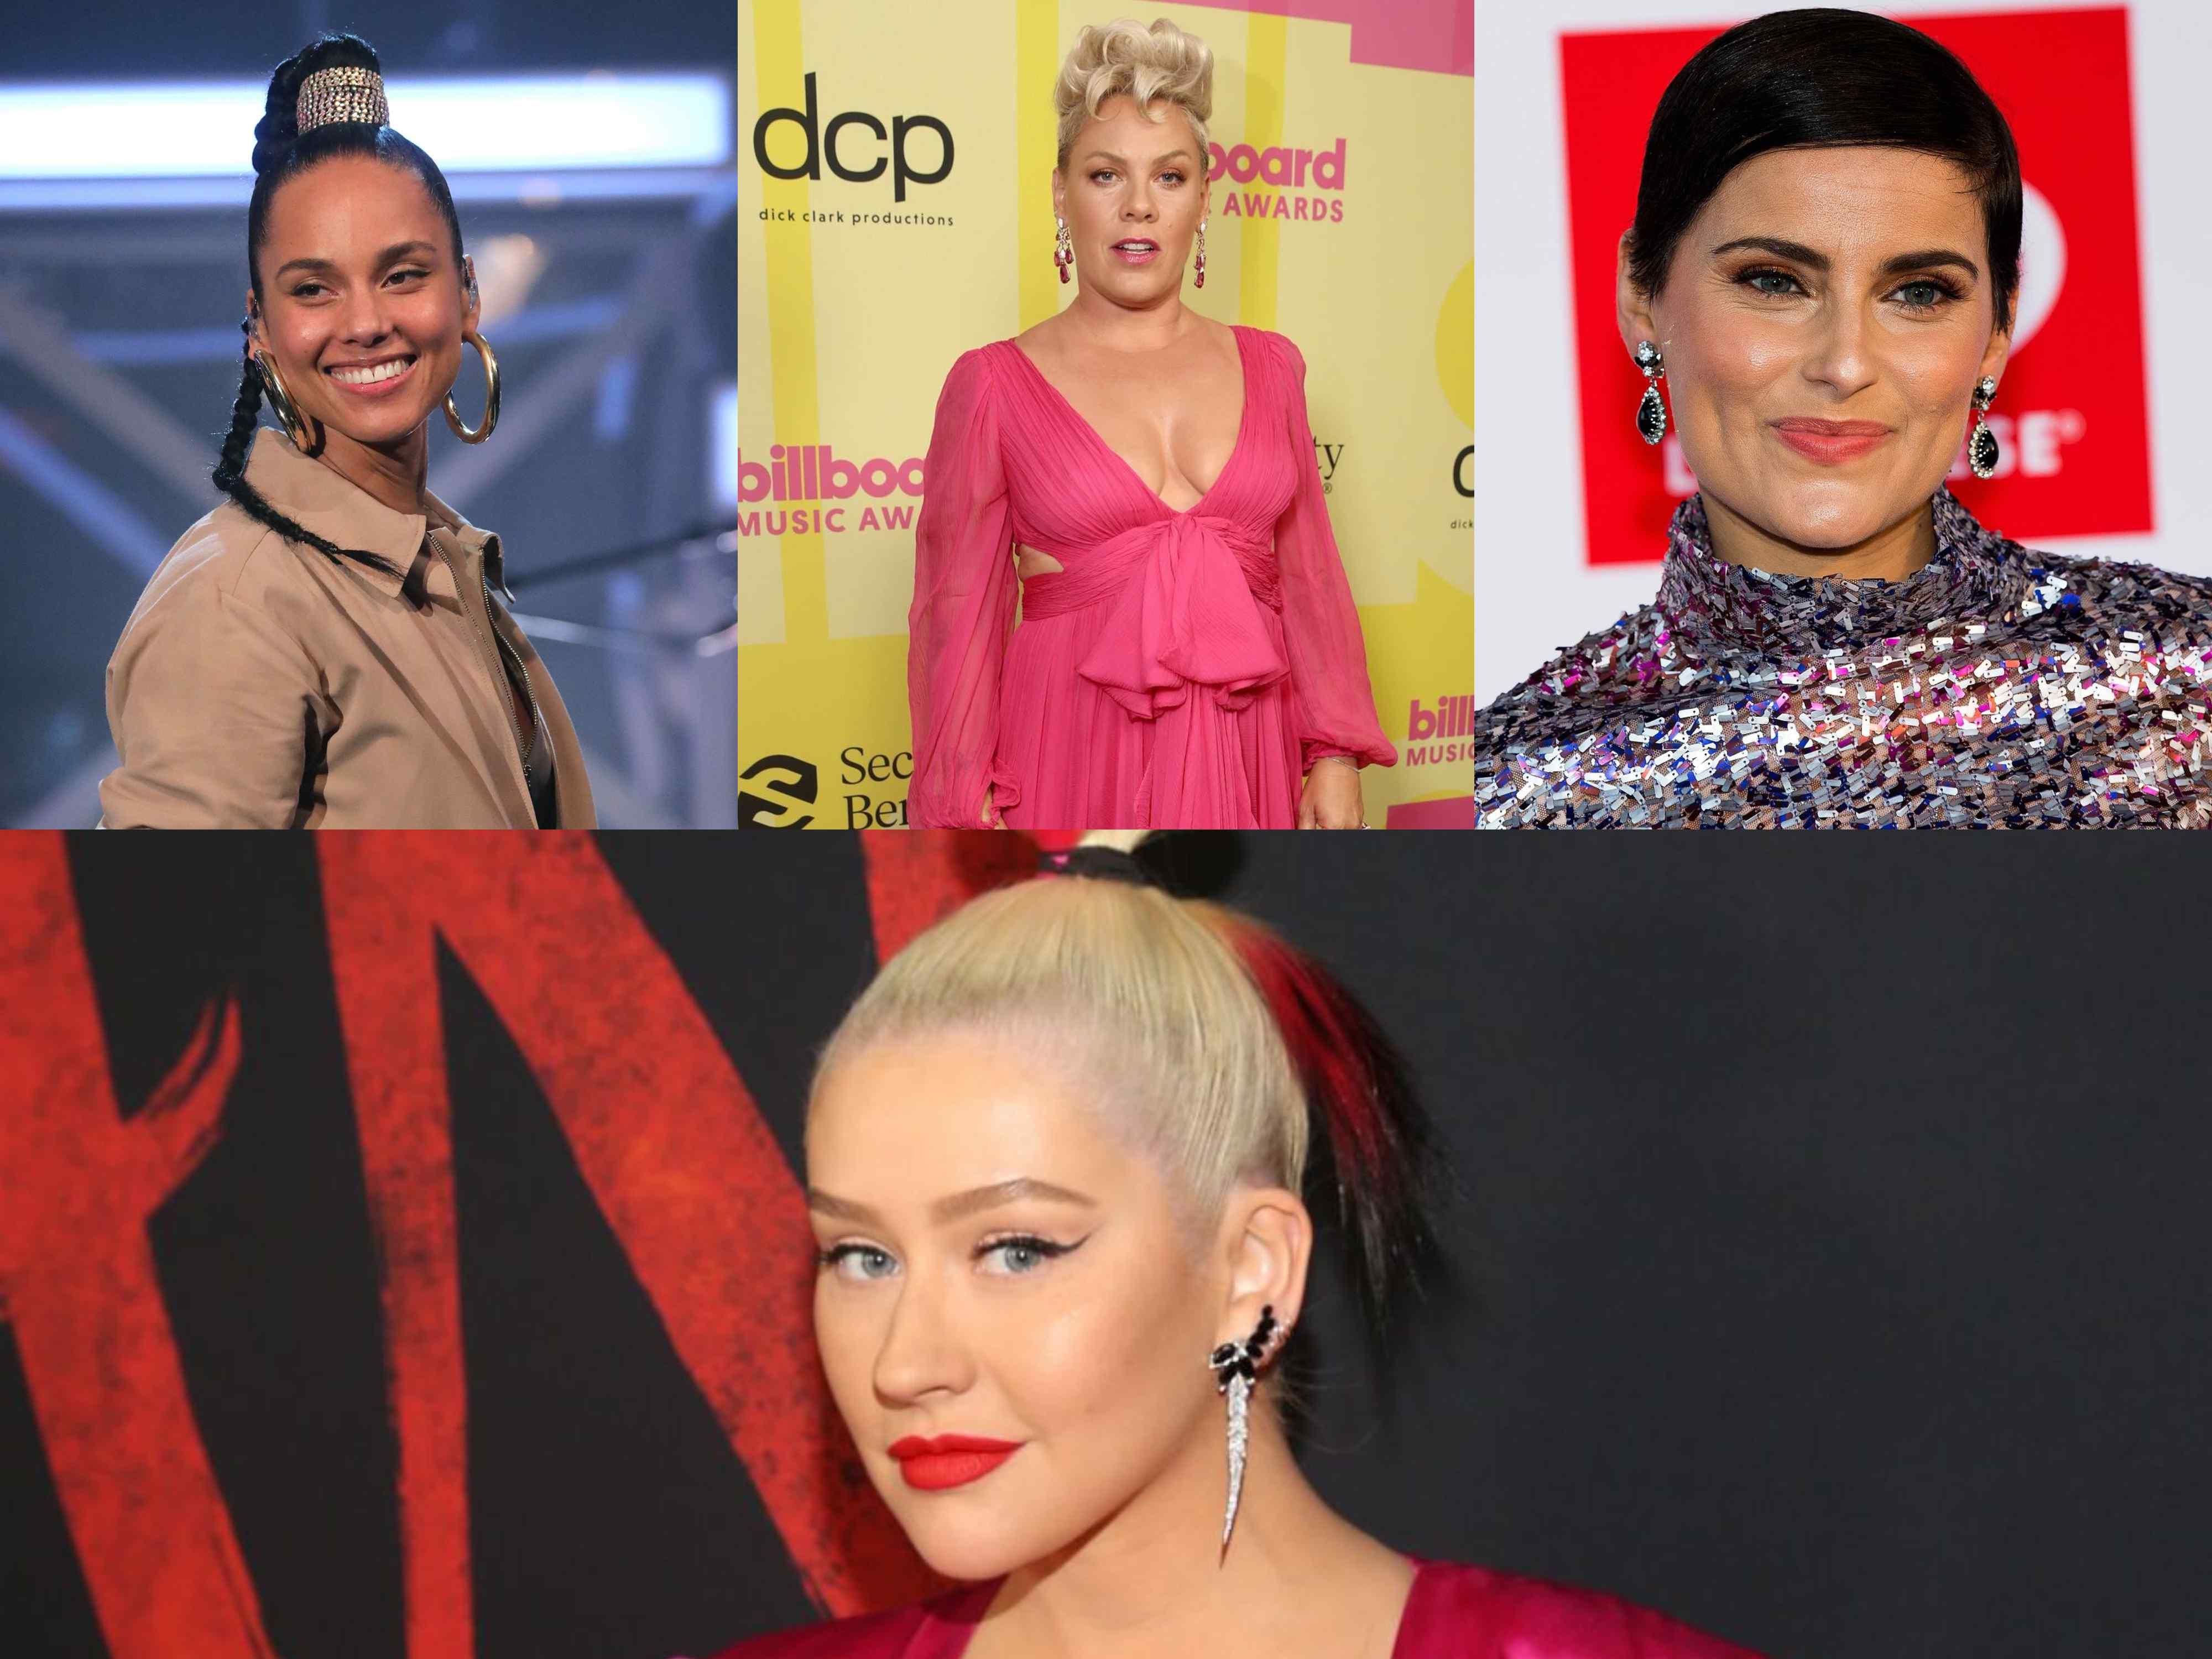 Alicia Keys, Pink, Nelly Furtado y Cristina Aguilera - Composición (1)